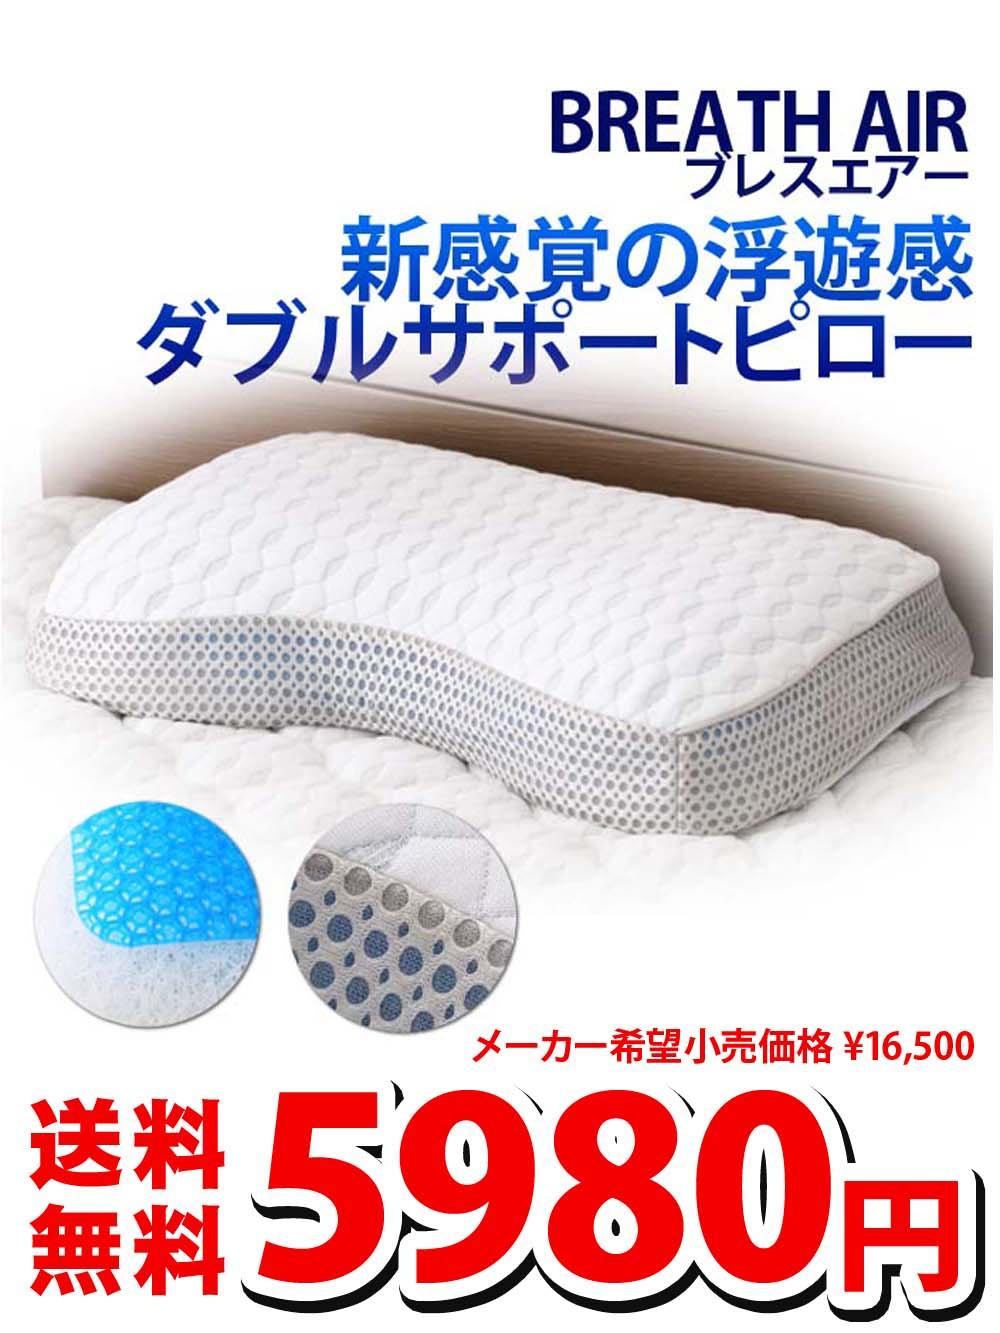 【送料無料】モリリン ブレスエアー ダブルサポートピロー 新感覚の浮遊感 5980円